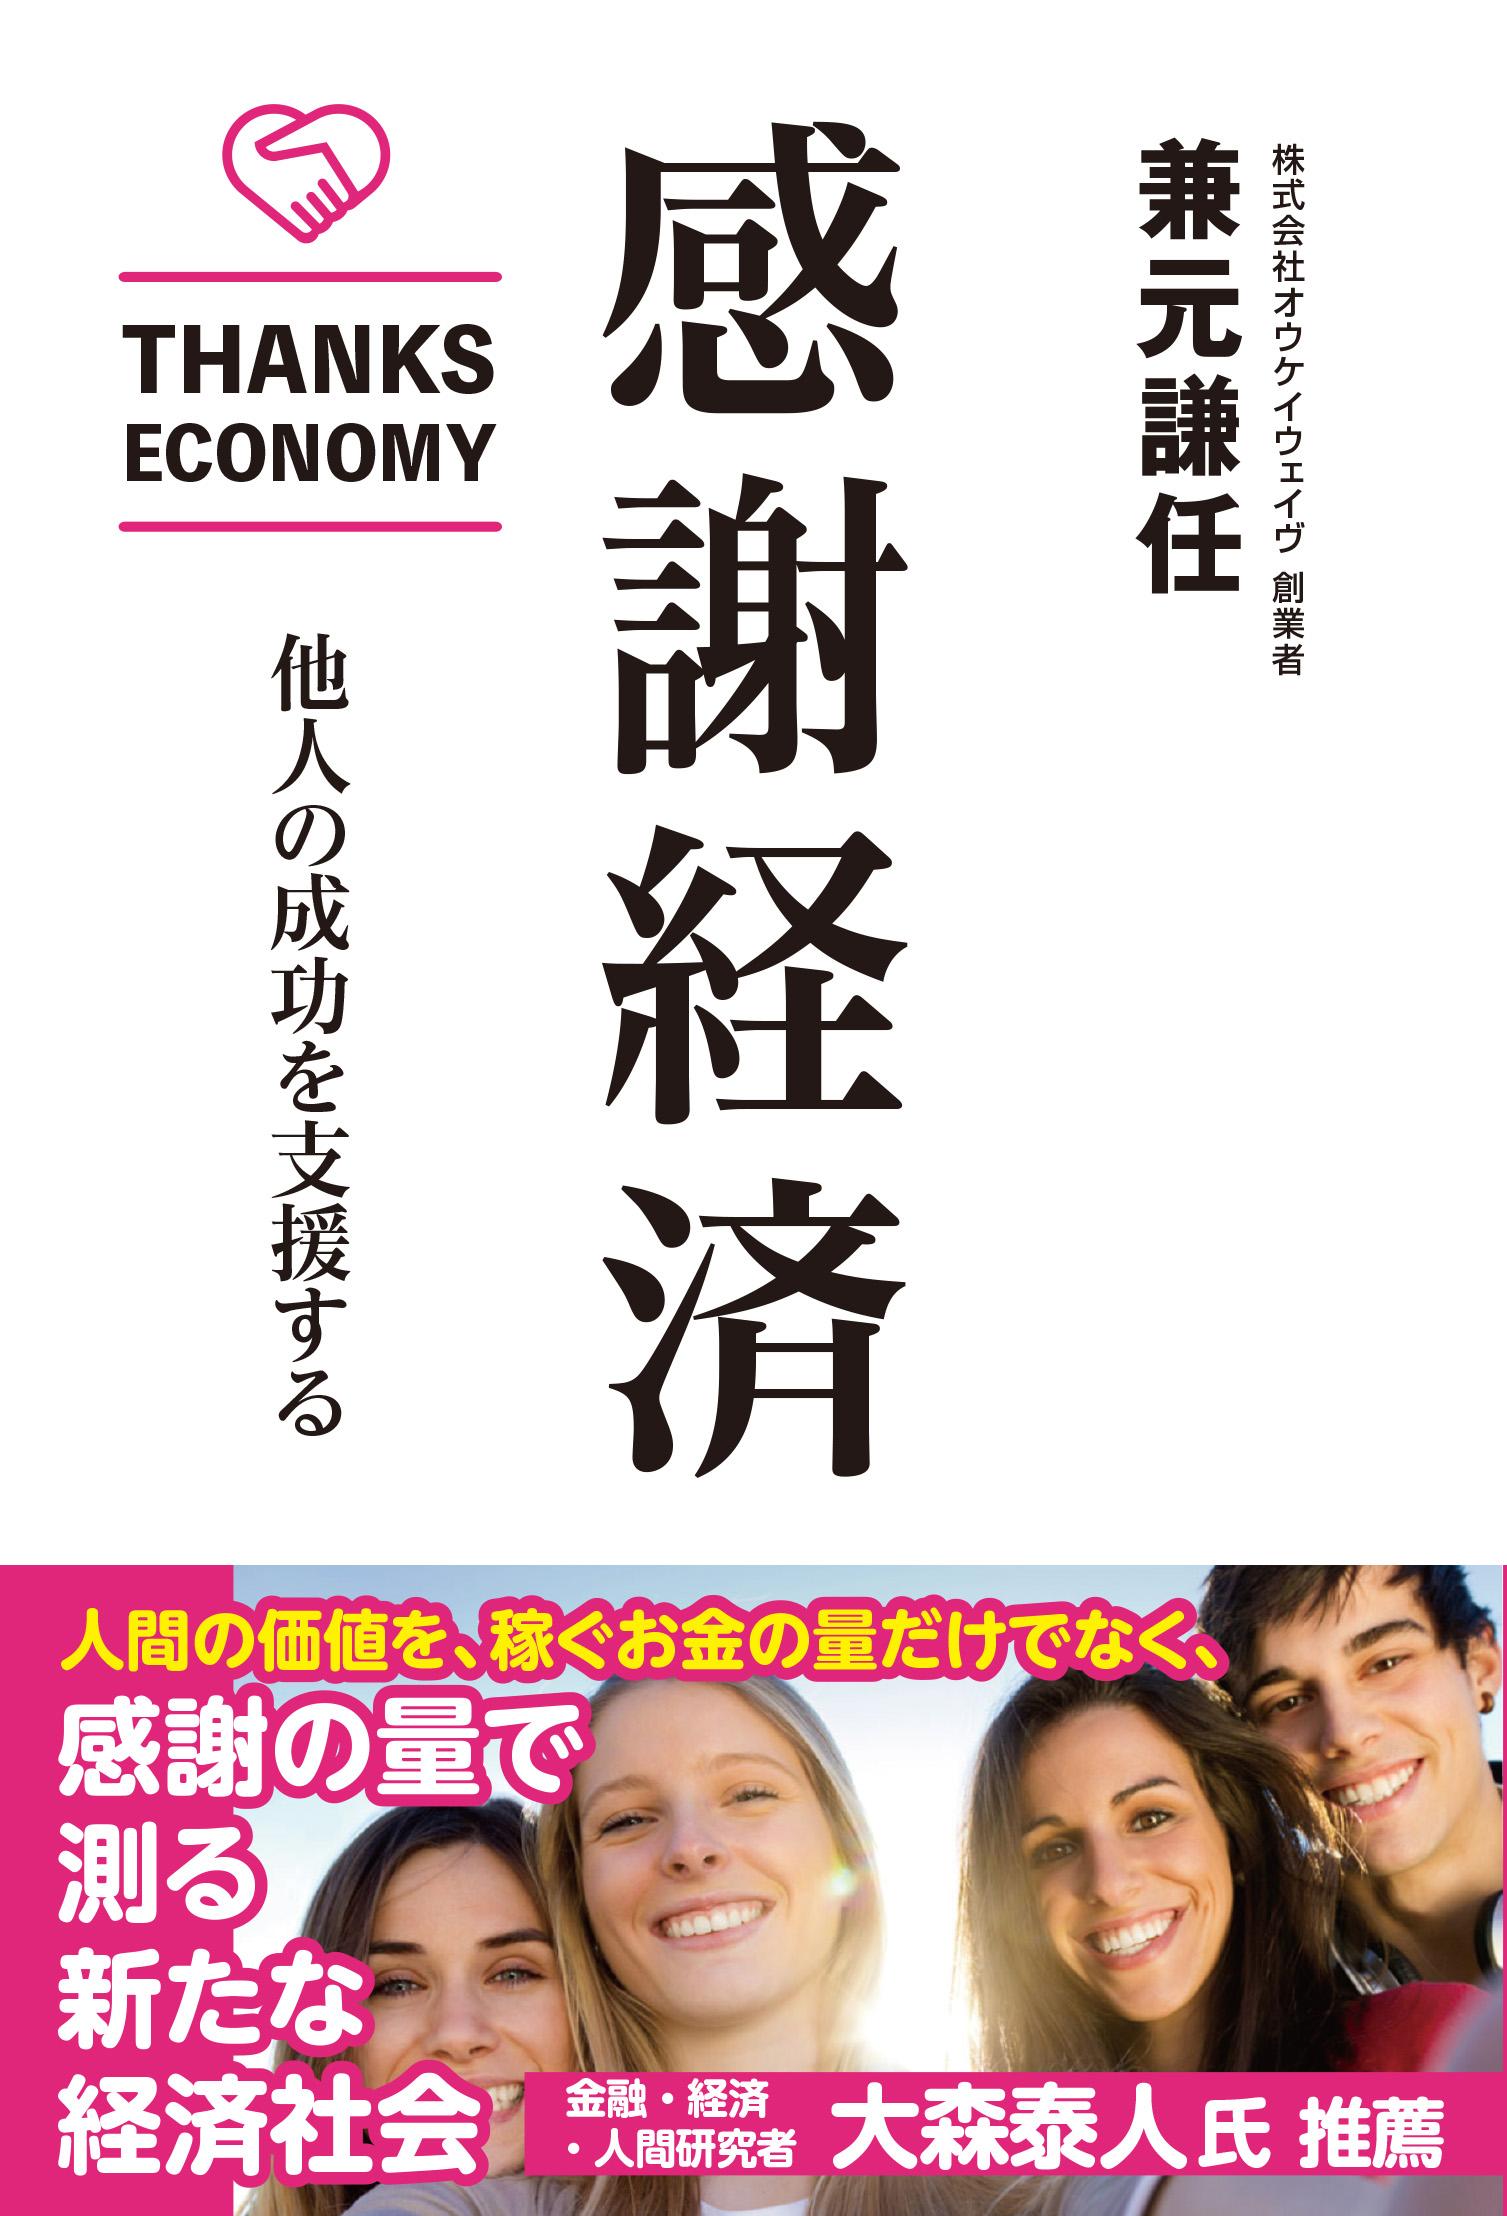 感謝経済 他人の成功を支援する 表紙